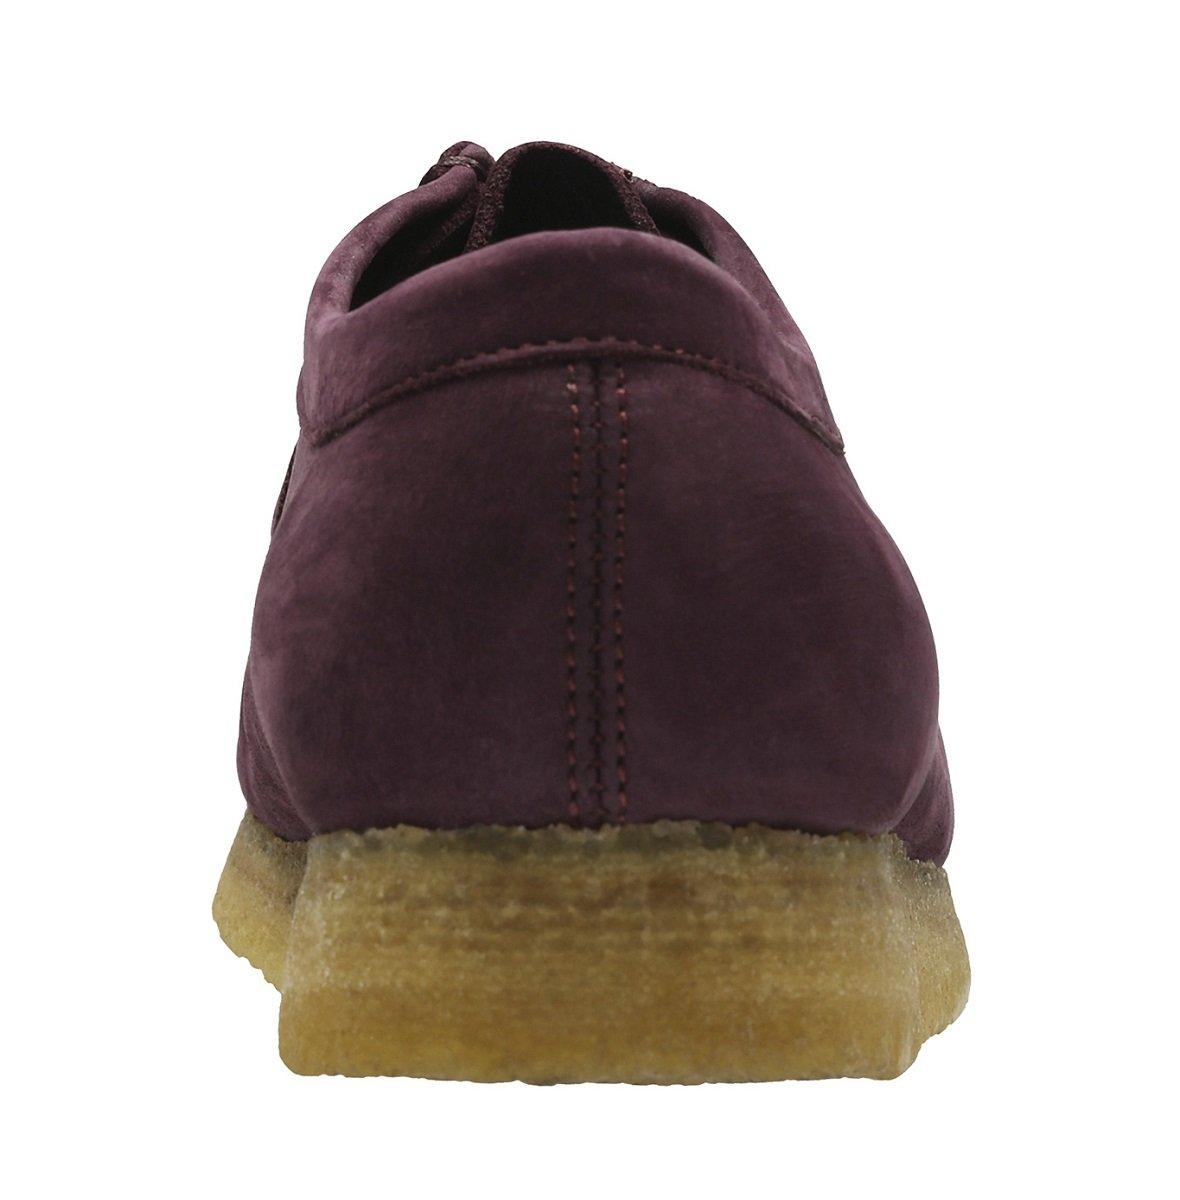 CLARKS Men's Wallabee Shoe B072JLS1JT 11.5 D(M) US|Purple Grape Nubuck